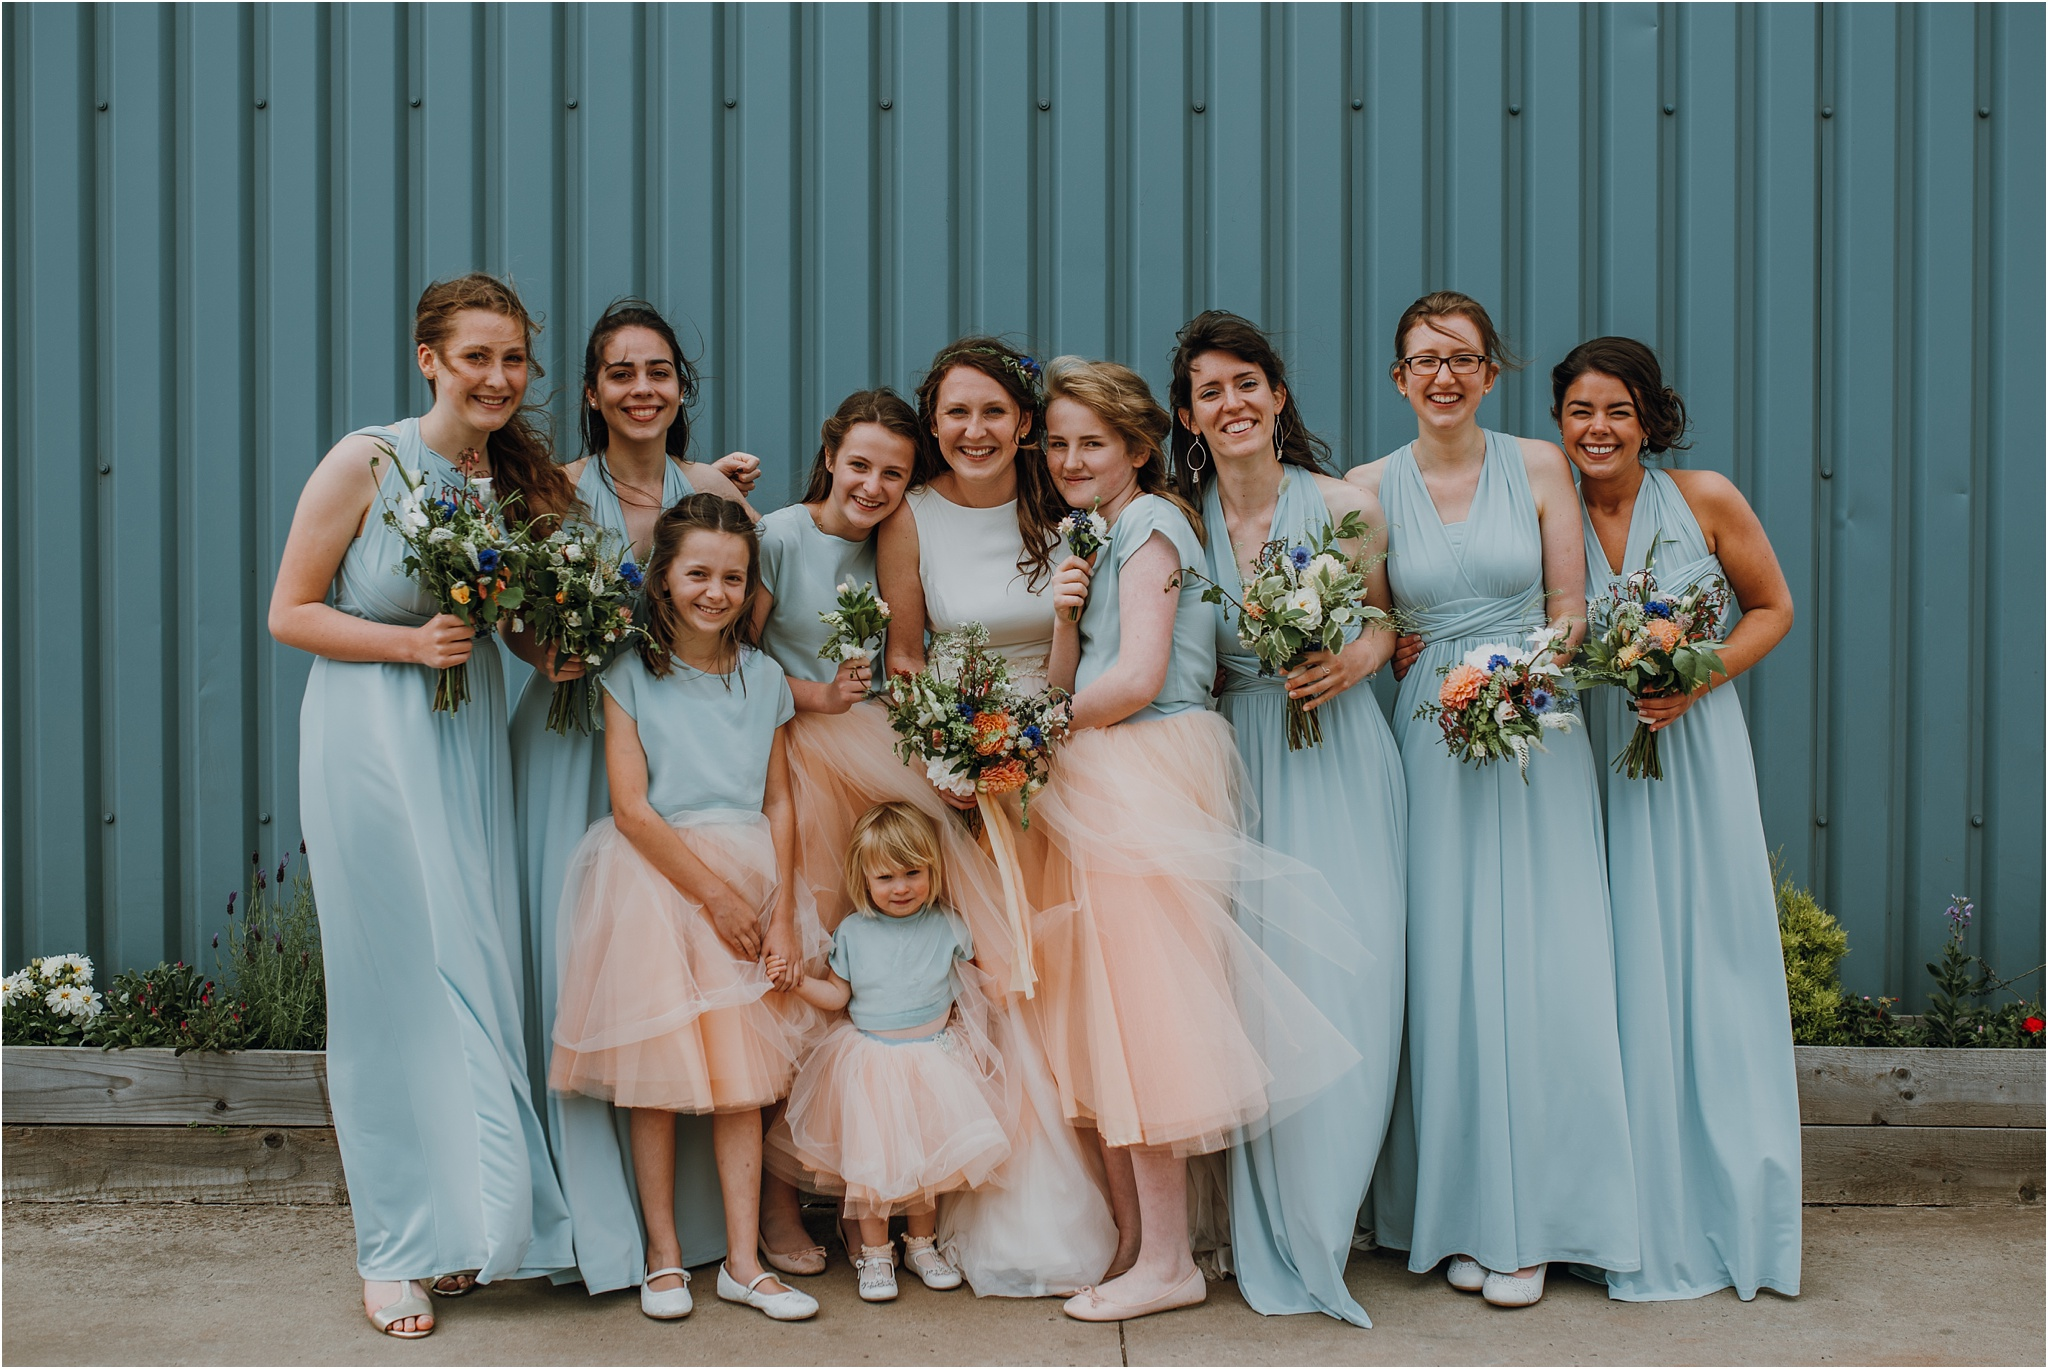 Edinburgh-barn-wedding-photographer_89.jpg